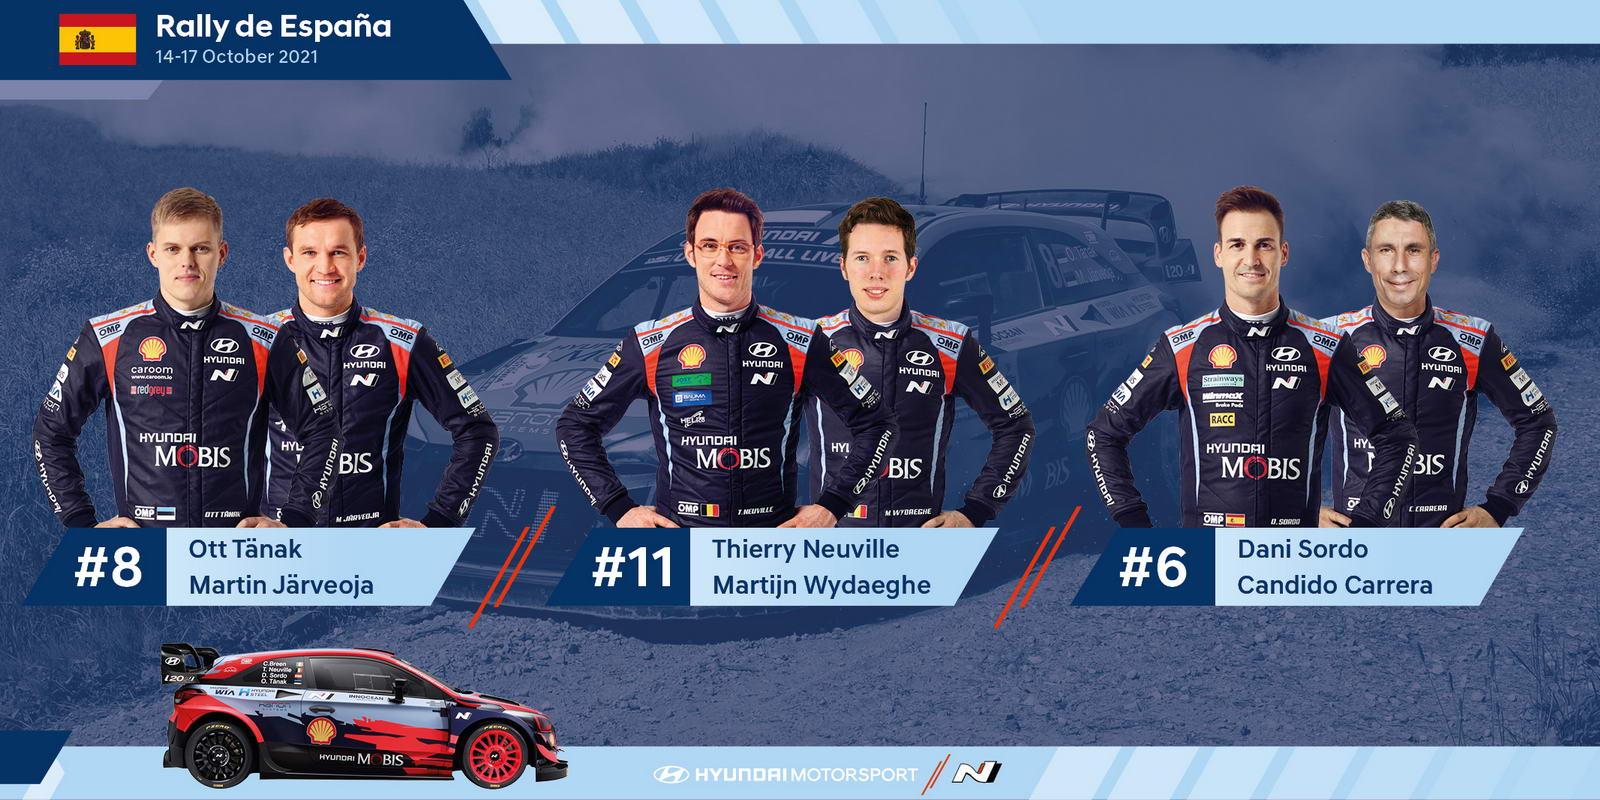 Hyundai Rally de Espana WRC Lineup